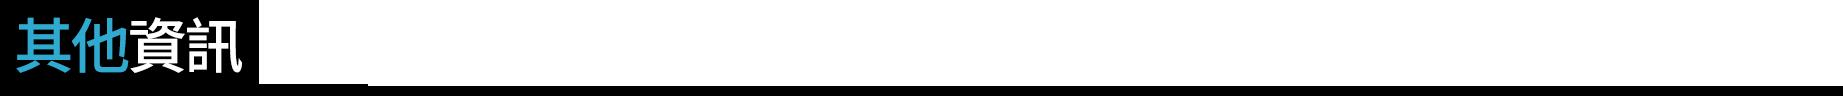 2017其他資訊_titlebar